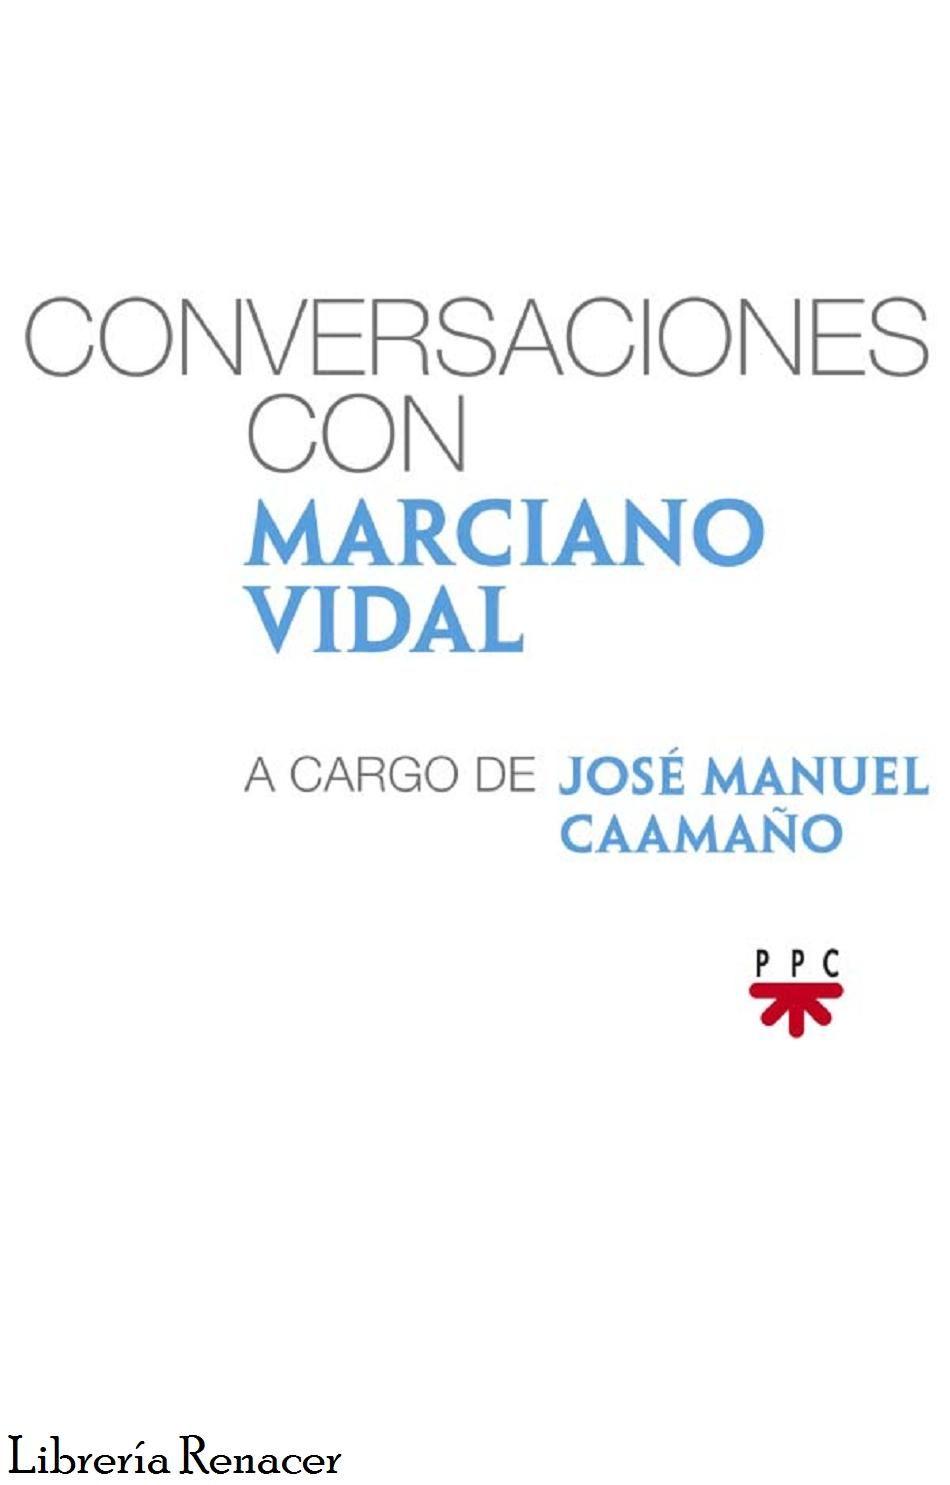 CONVERSACIONES CON MARCIANO VIDAL